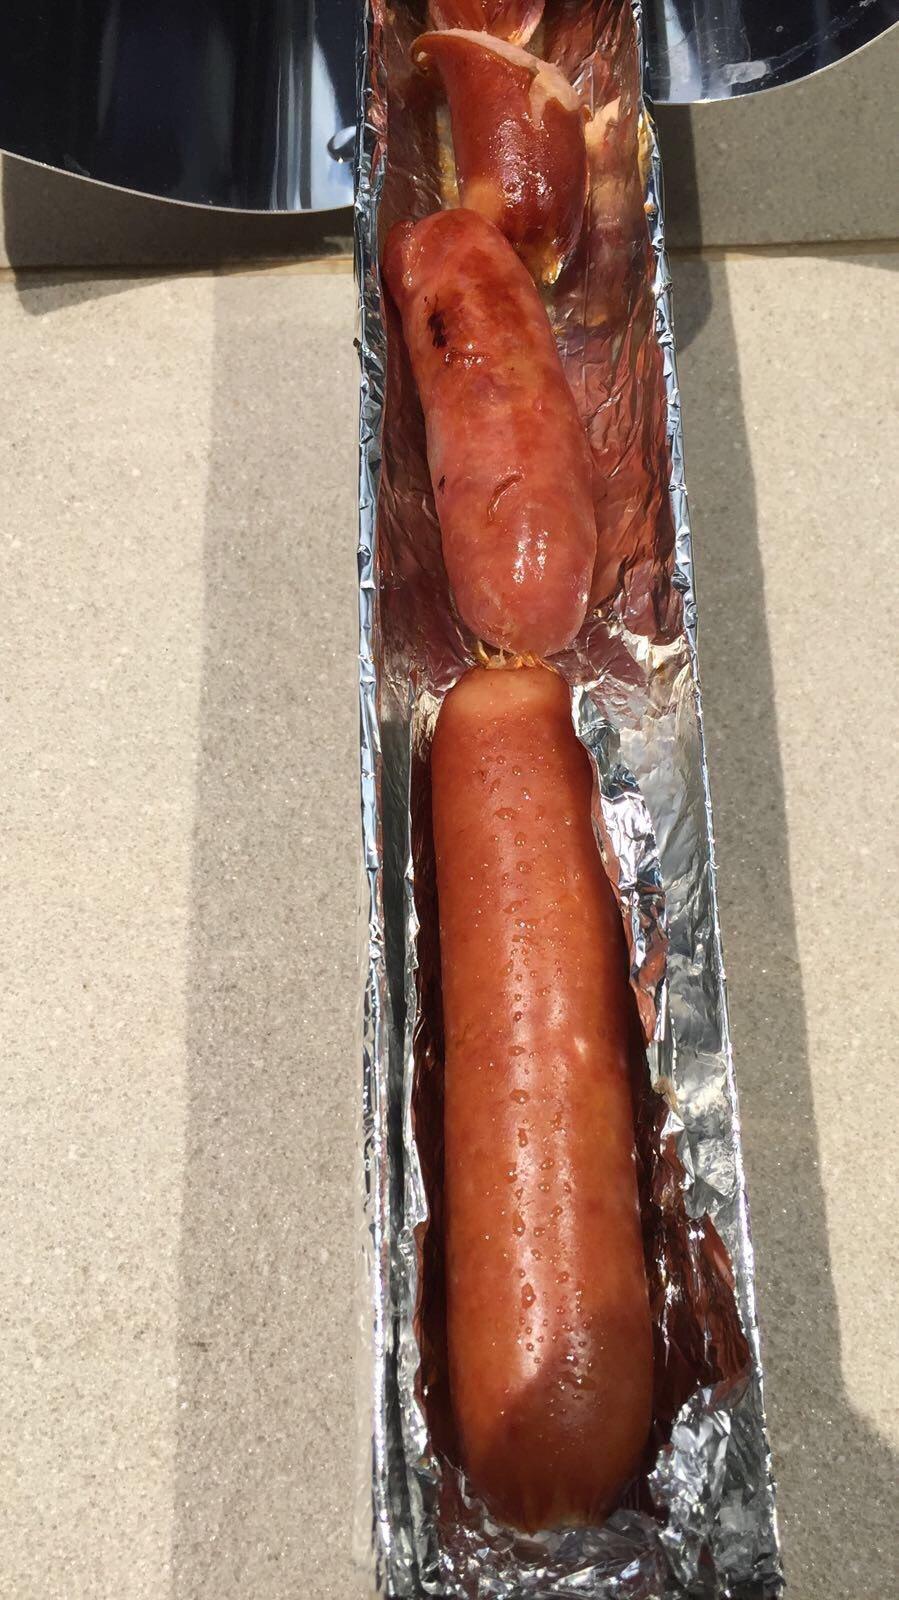 陶子靠太陽能竟烤出色澤完美的香腸。圖/陶子提供